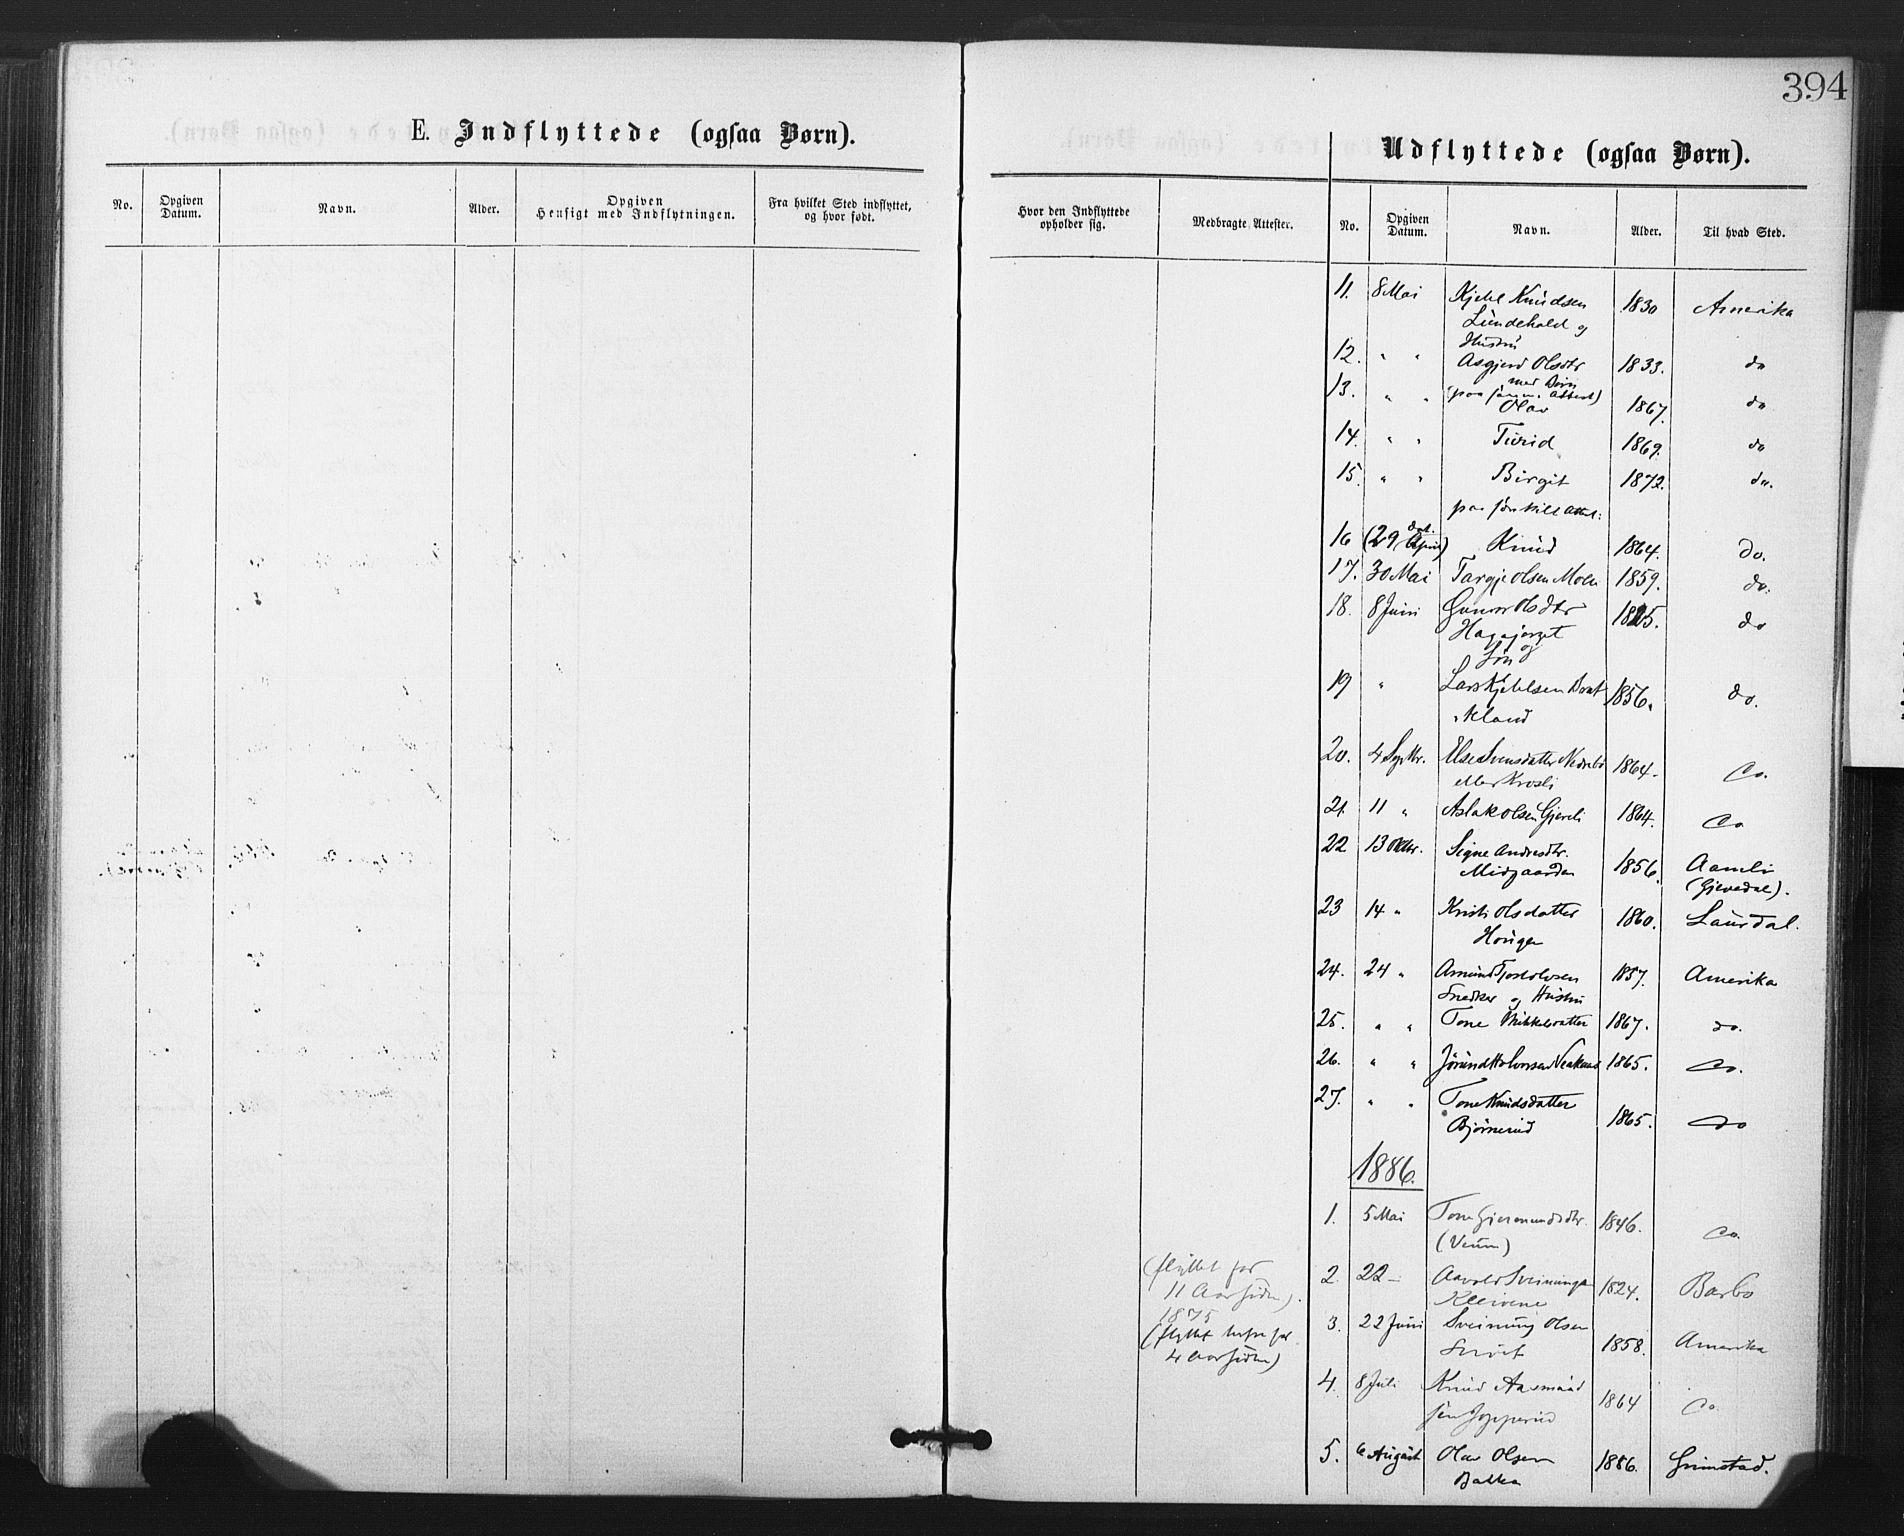 SAKO, Fyresdal kirkebøker, F/Fa/L0006: Ministerialbok nr. I 6, 1872-1886, s. 394